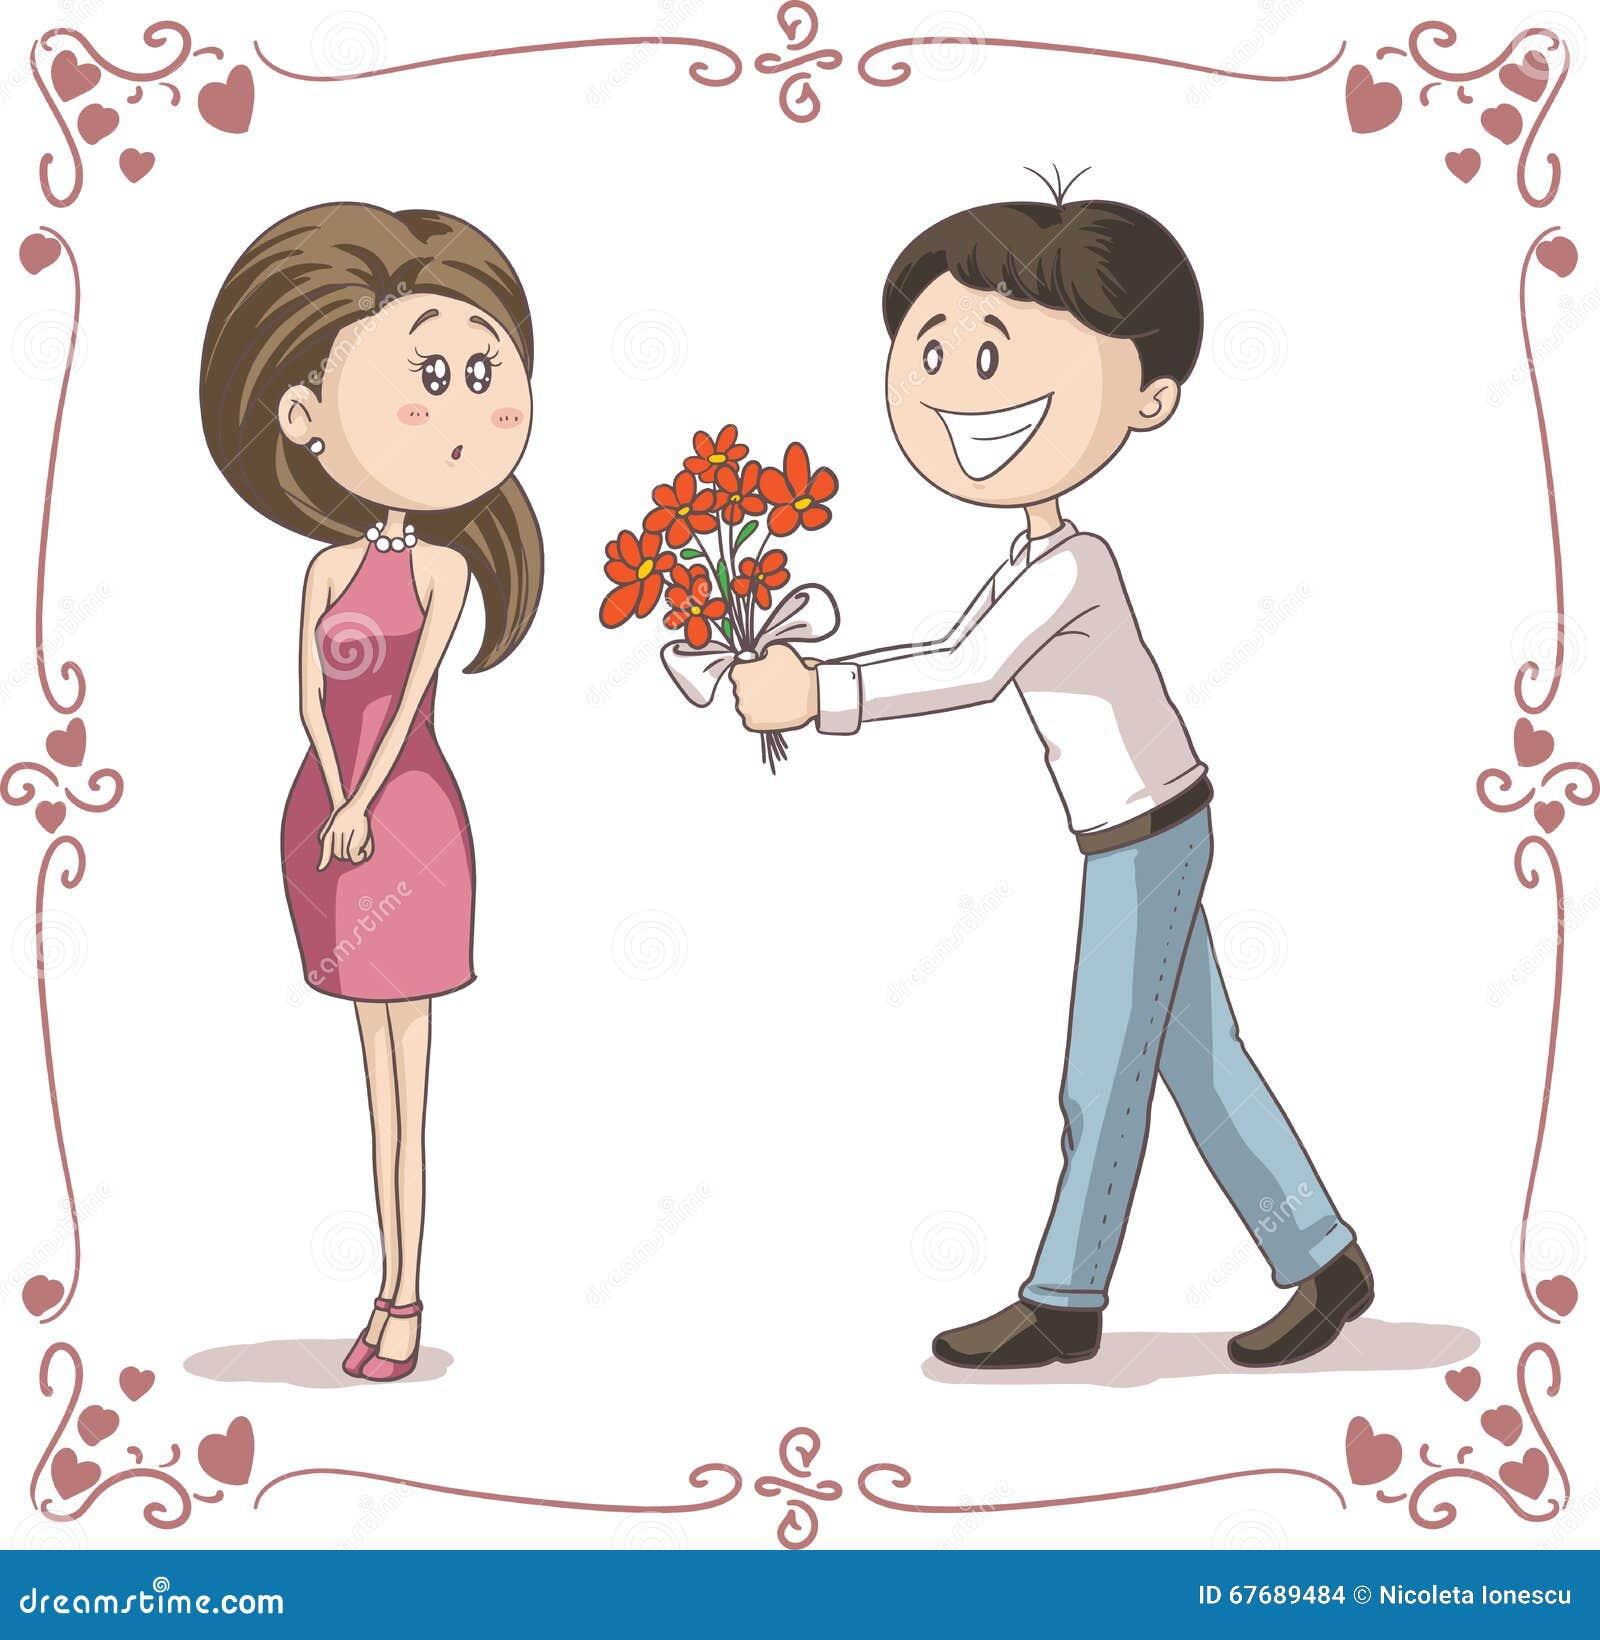 L 39 homme apporte des fleurs pour lancer la bande dessin e for Bouquet de fleurs pour un homme